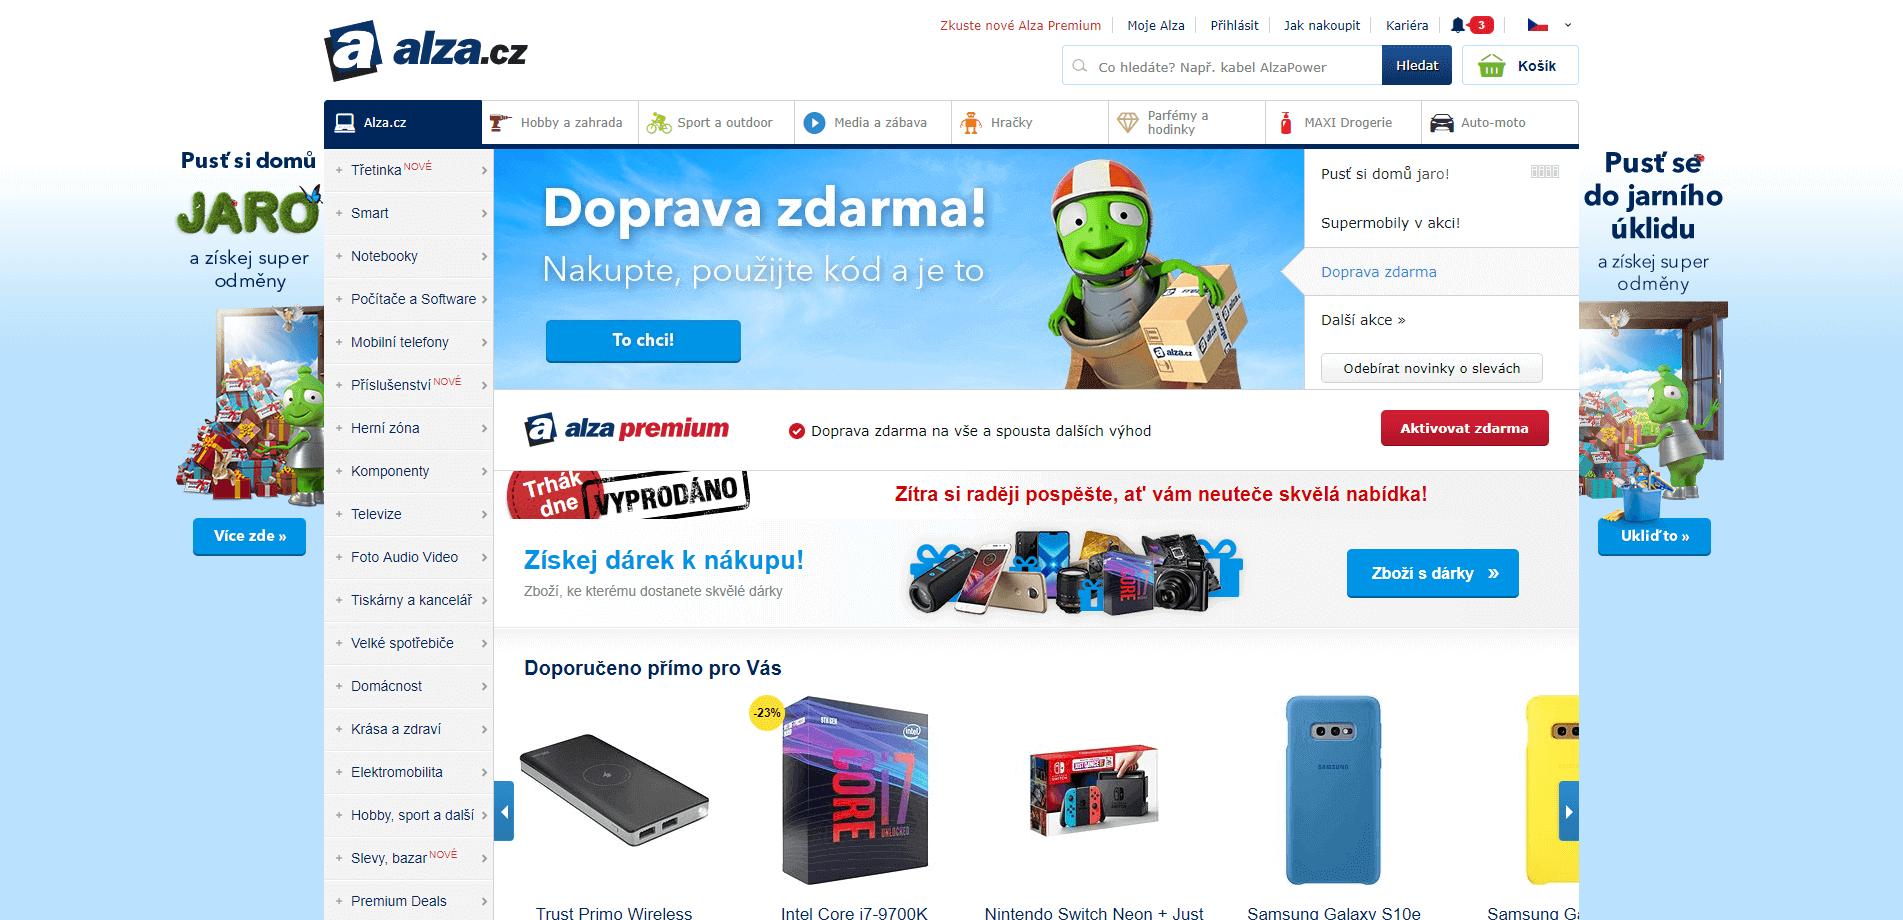 Покупка на Alza (Алза сз) с доставкой в Украину - myMeest - 2